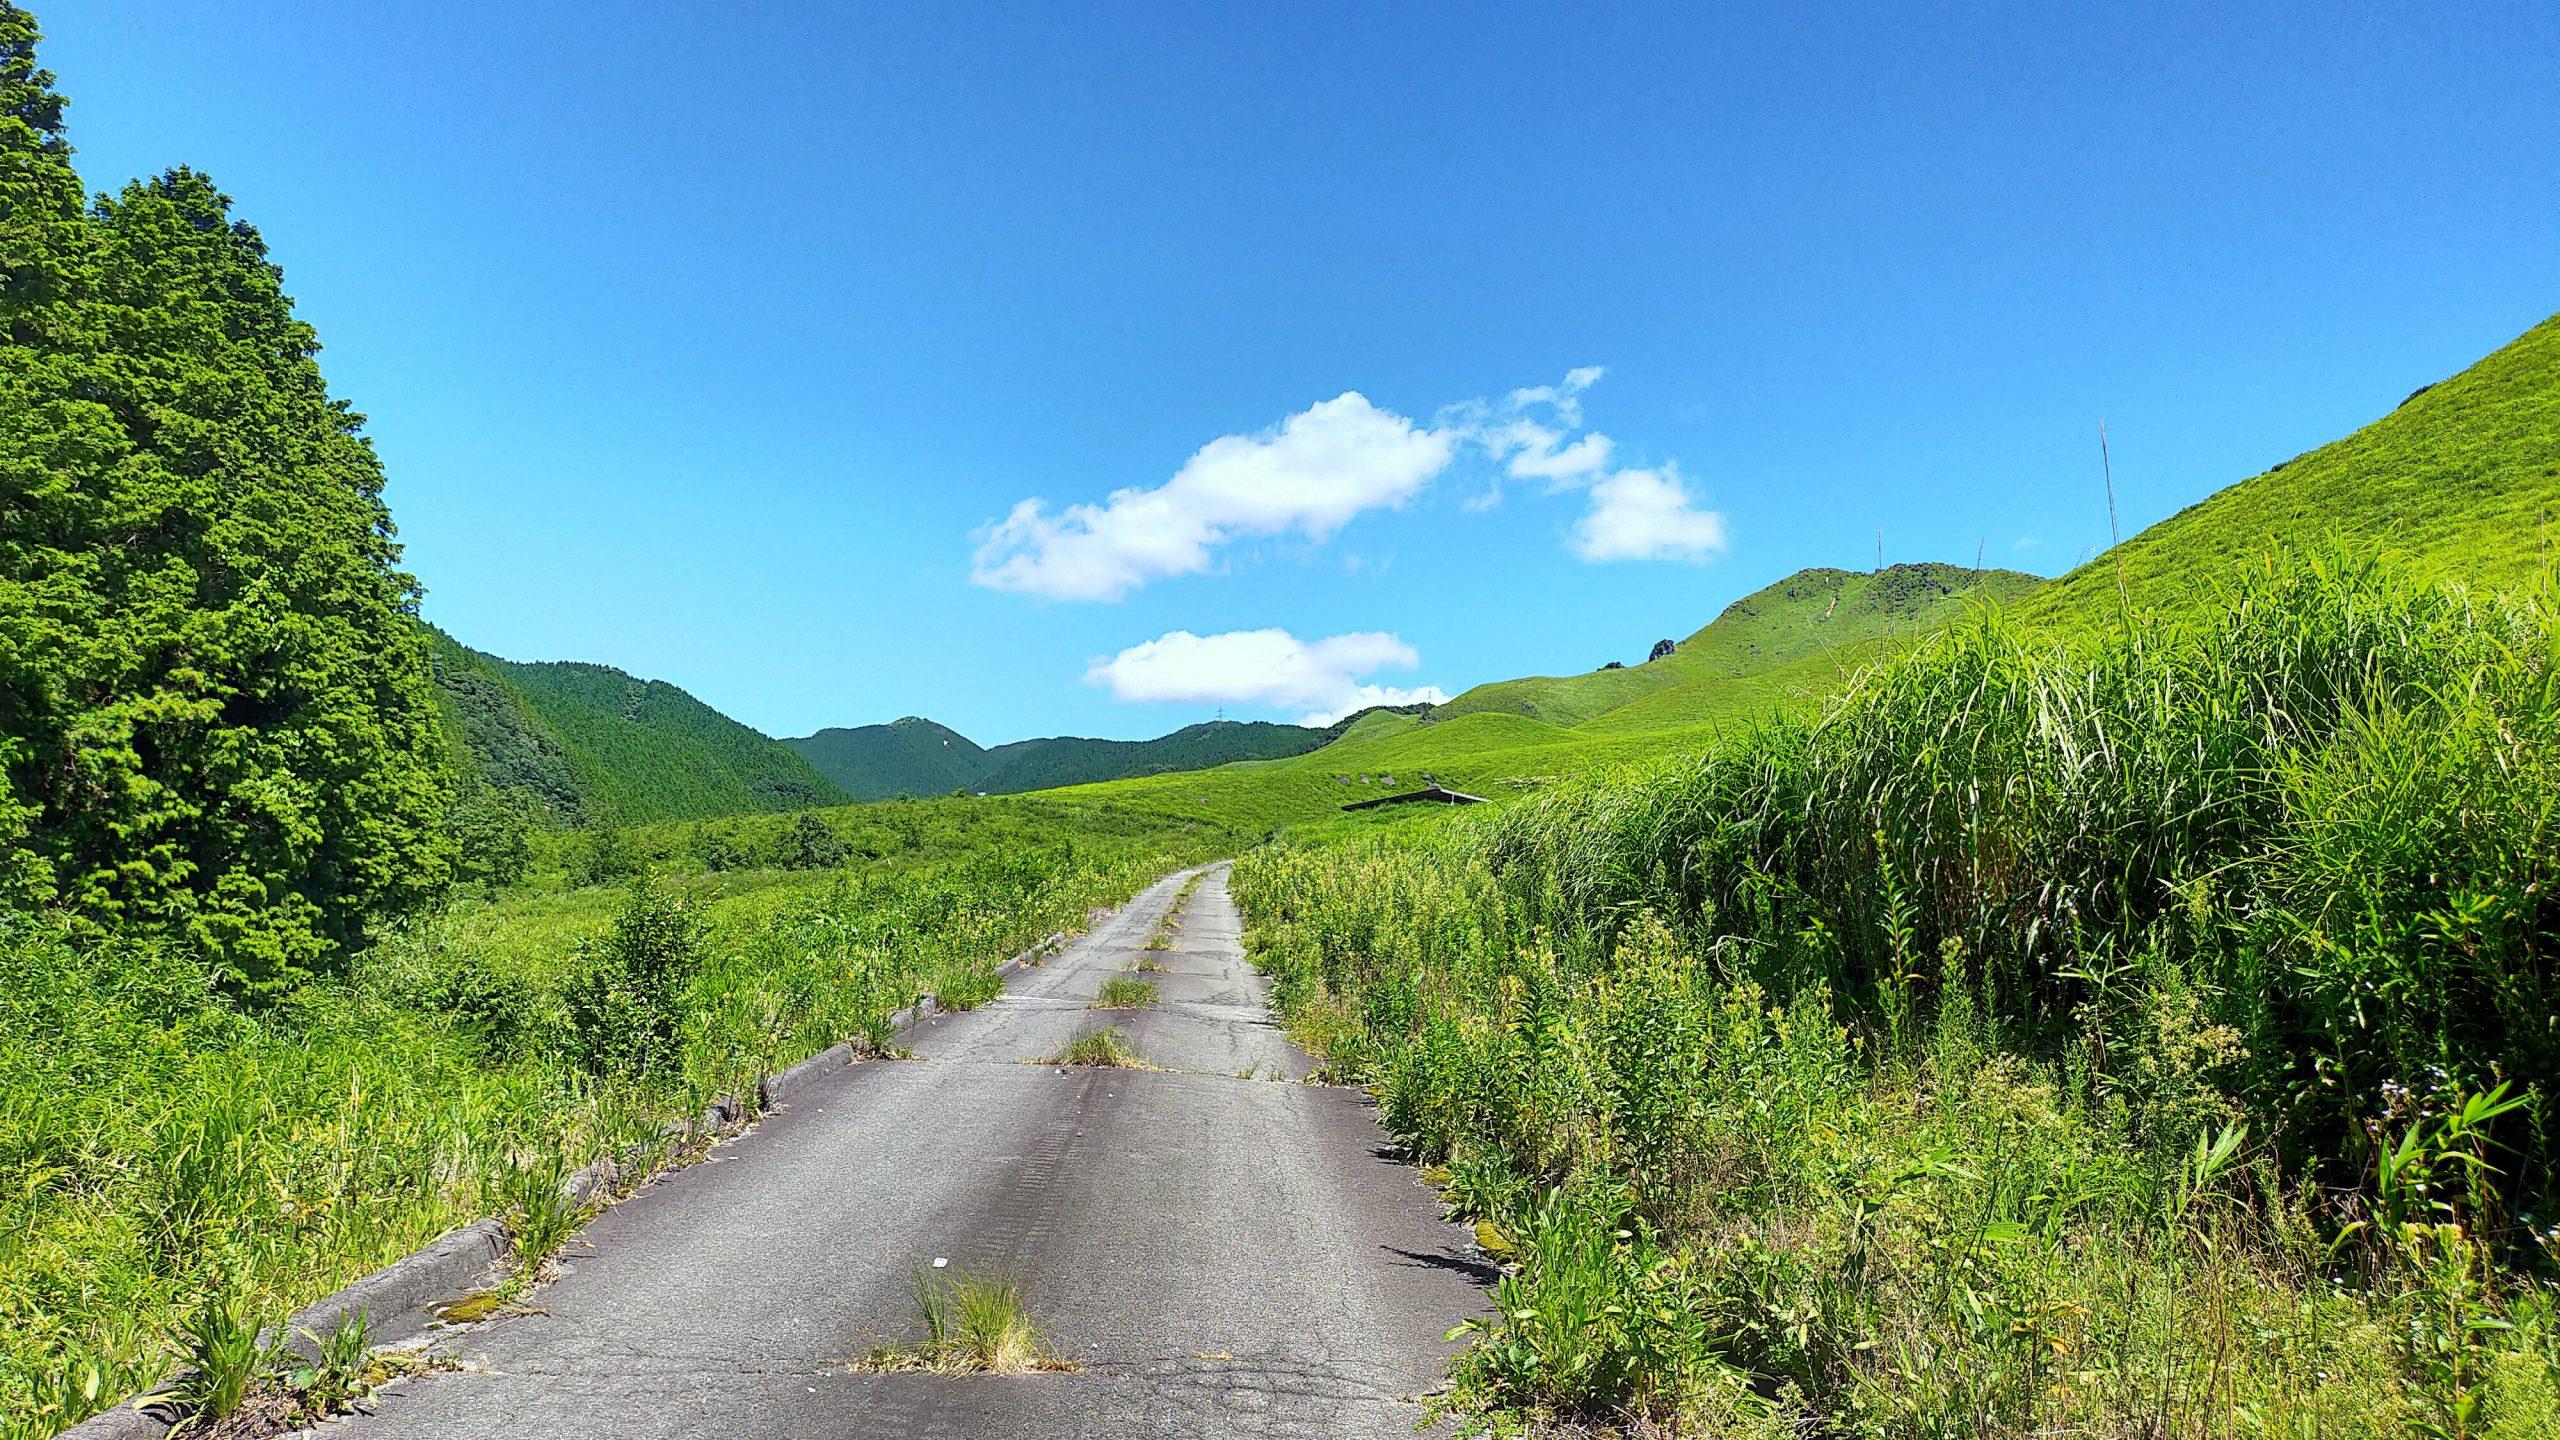 出ノ口登山道からの景色 山